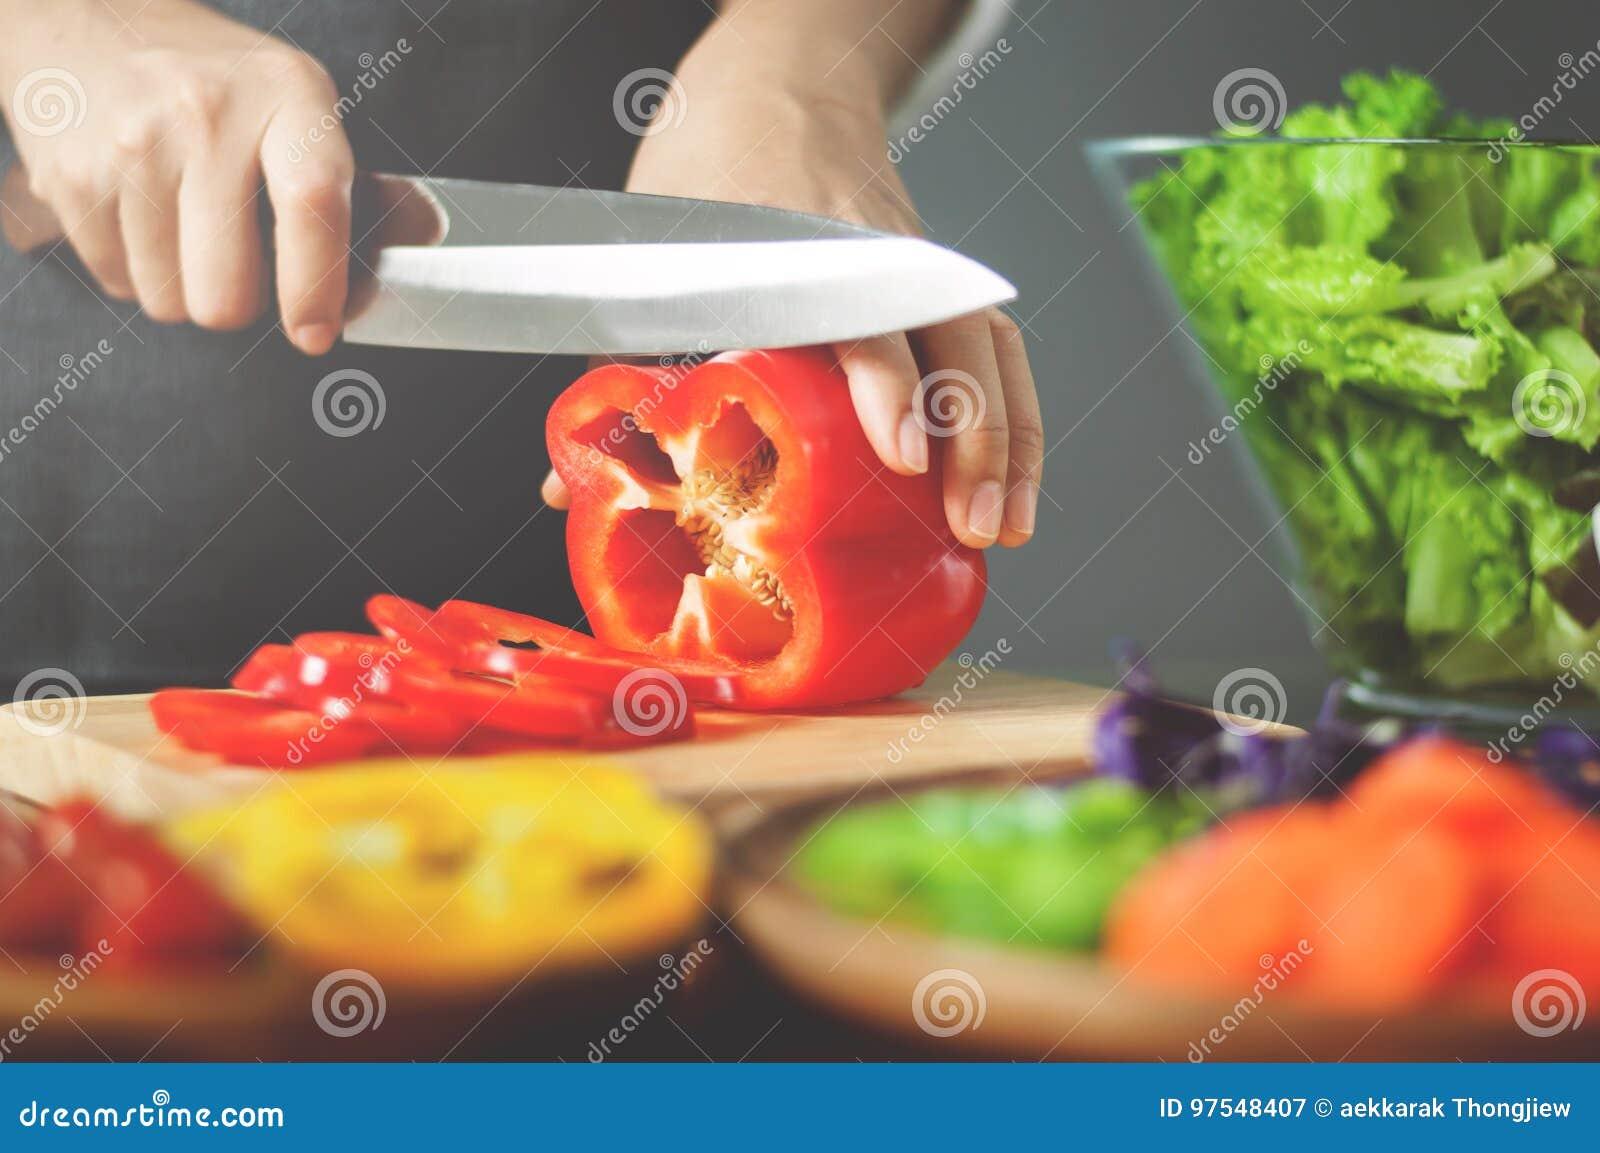 女性切口红色甜椒 烹调素食主义者食物 健康机智